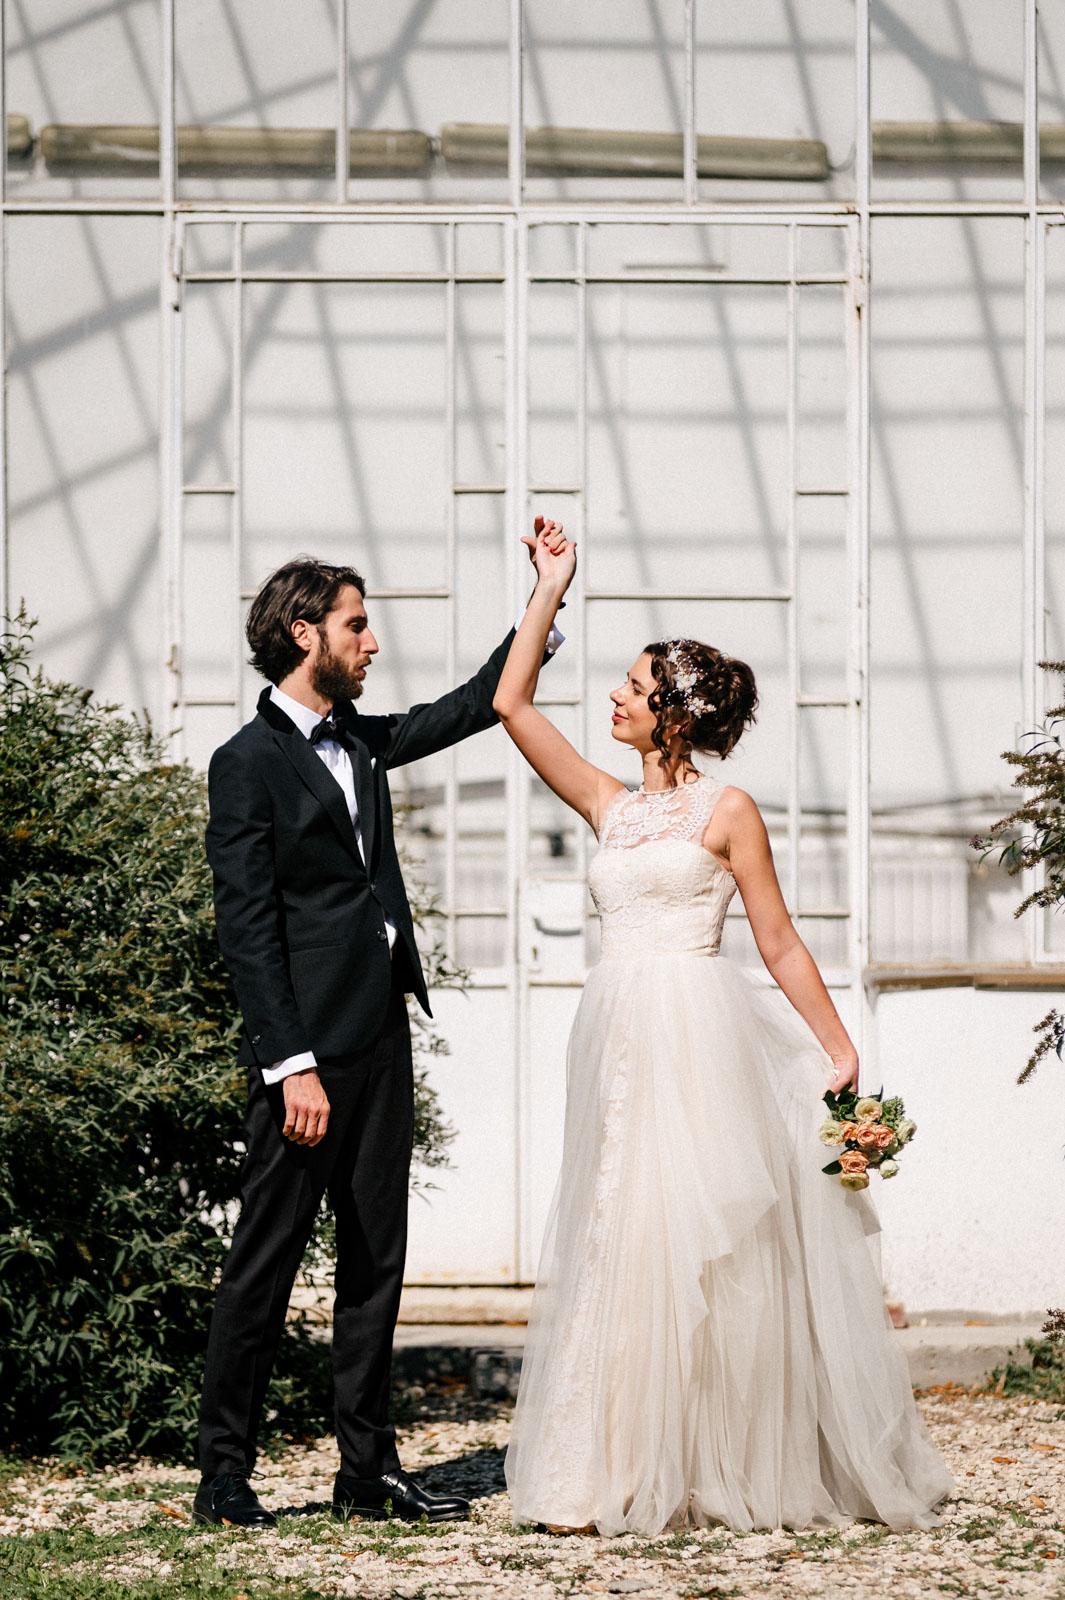 Sedinta foto de nunta la Palatul Mogosoaia